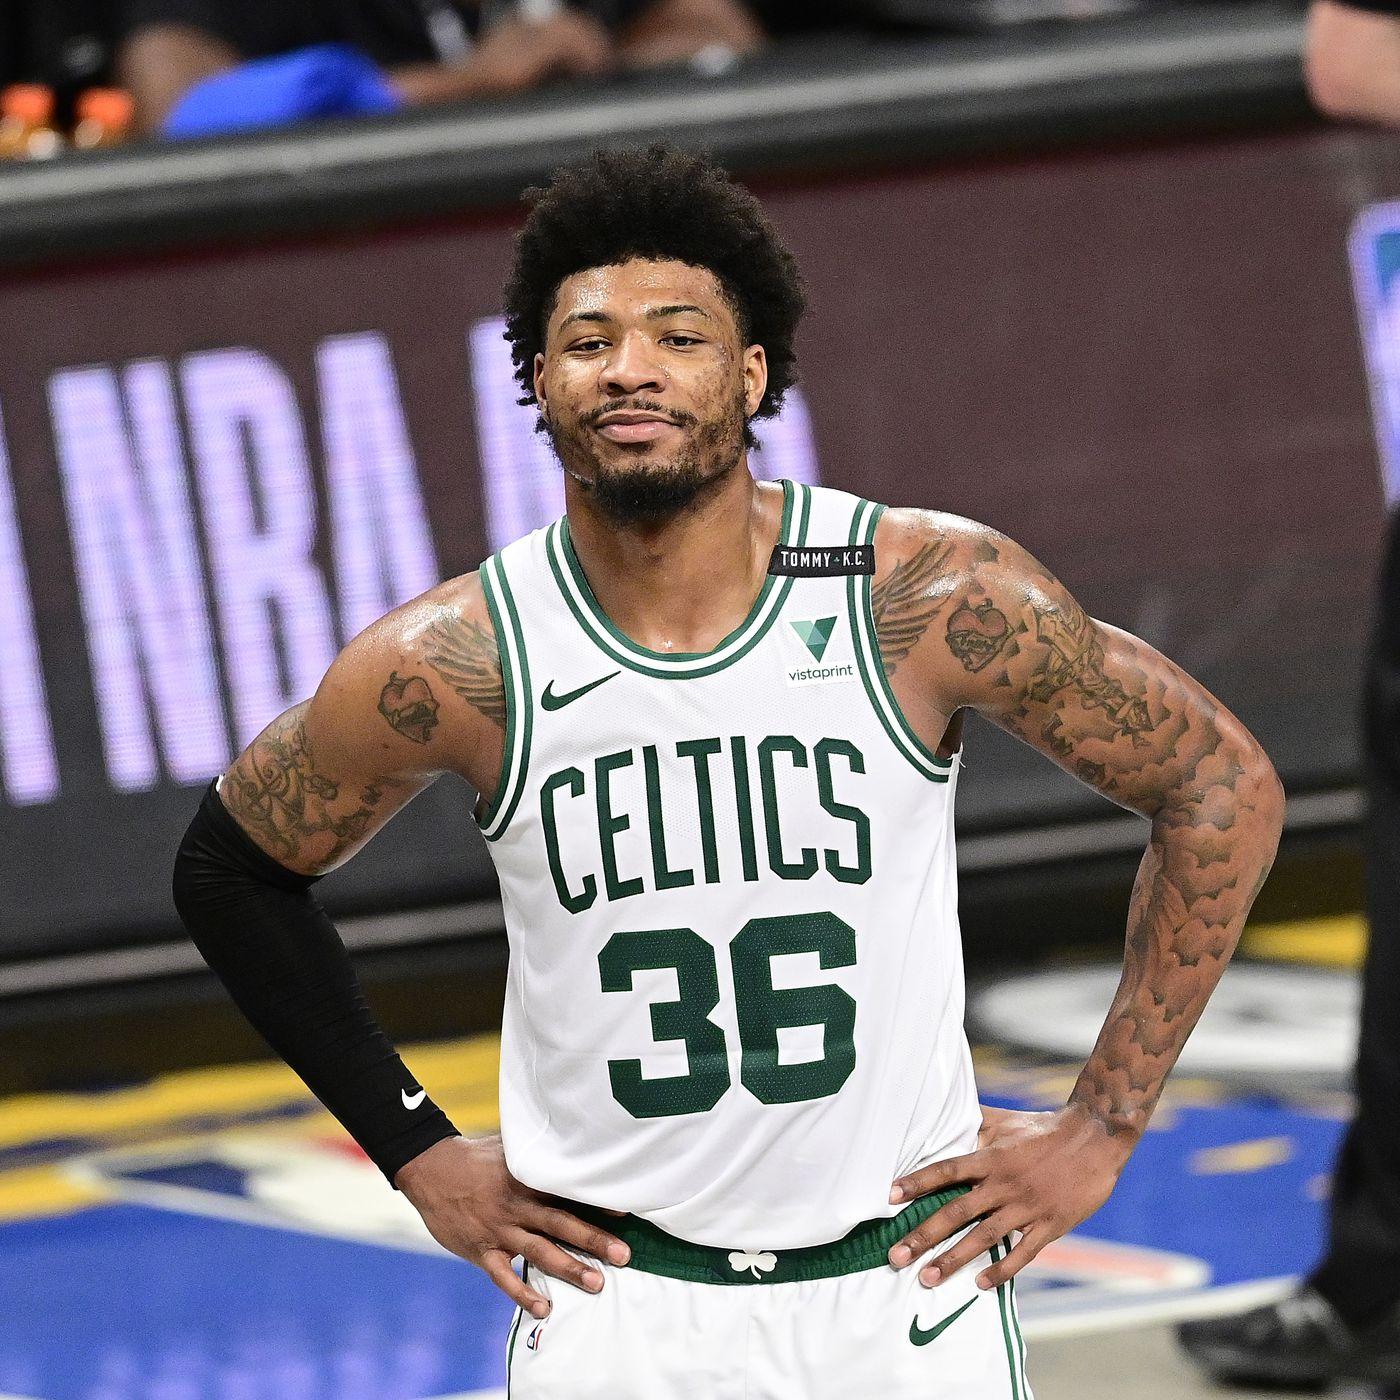 Celtics Suspend Marcus Smart for 'Breaching Team Rule,' Per Report